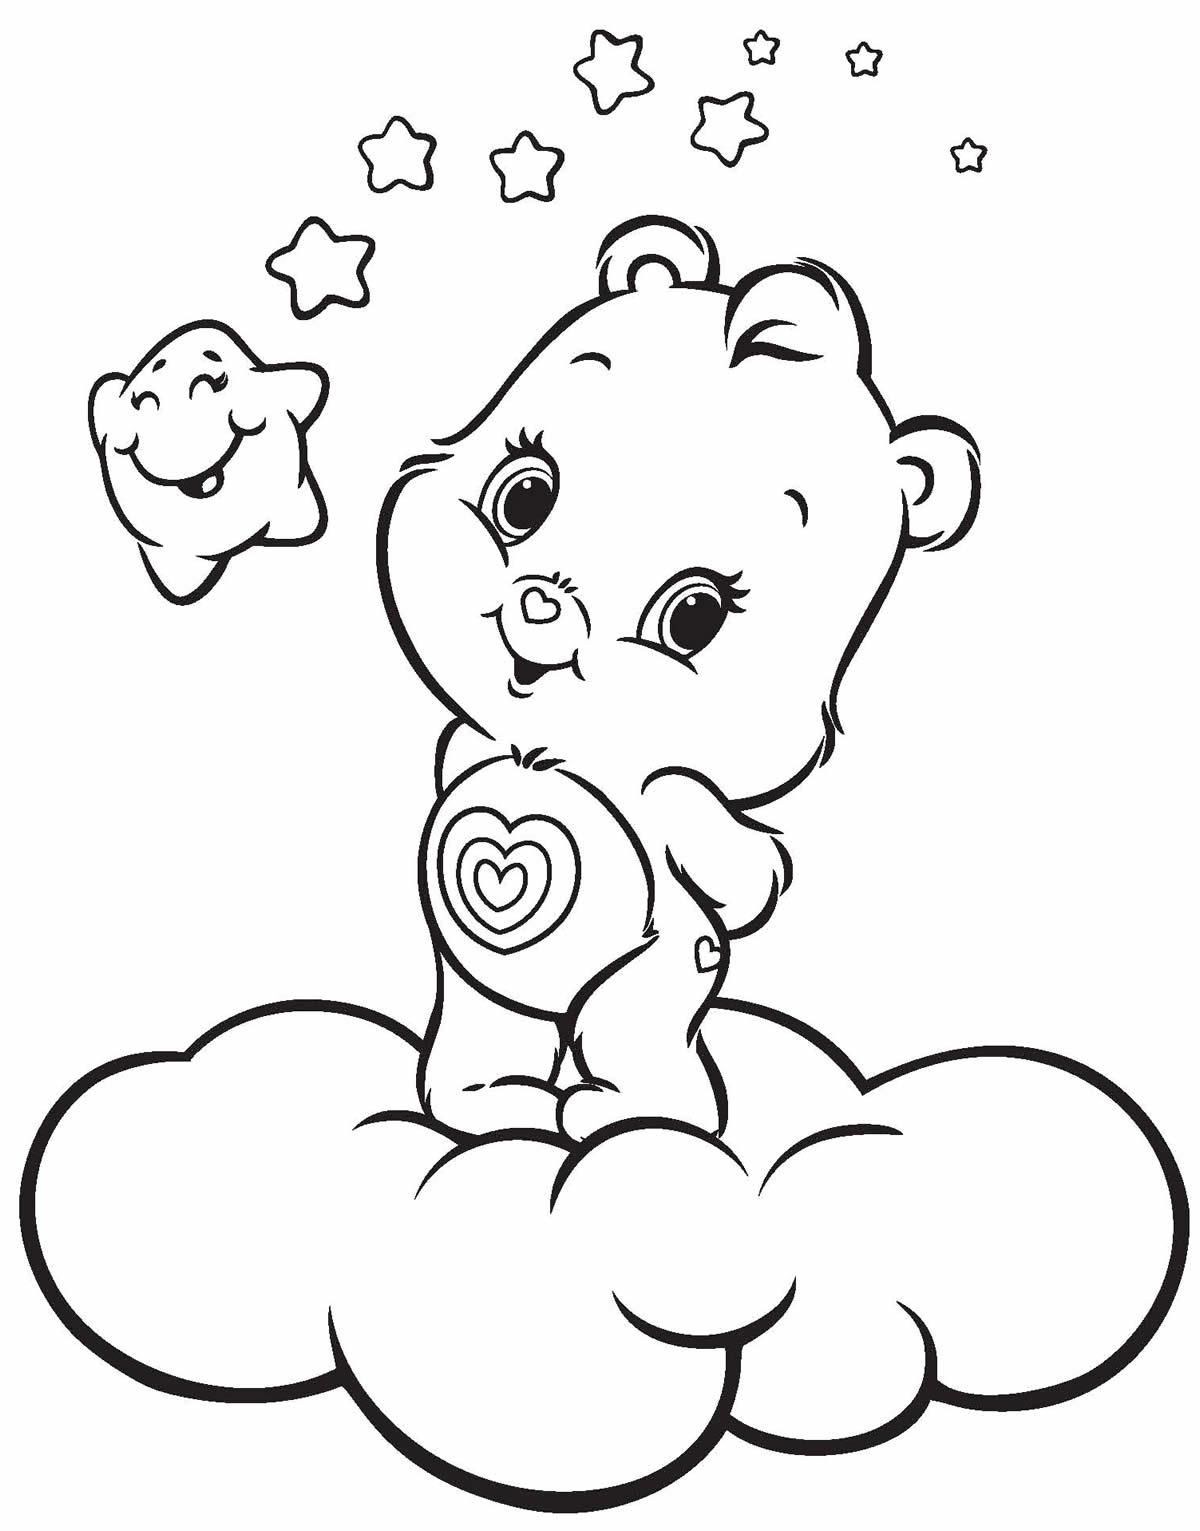 Desenho dos Ursinhos Carinhosos